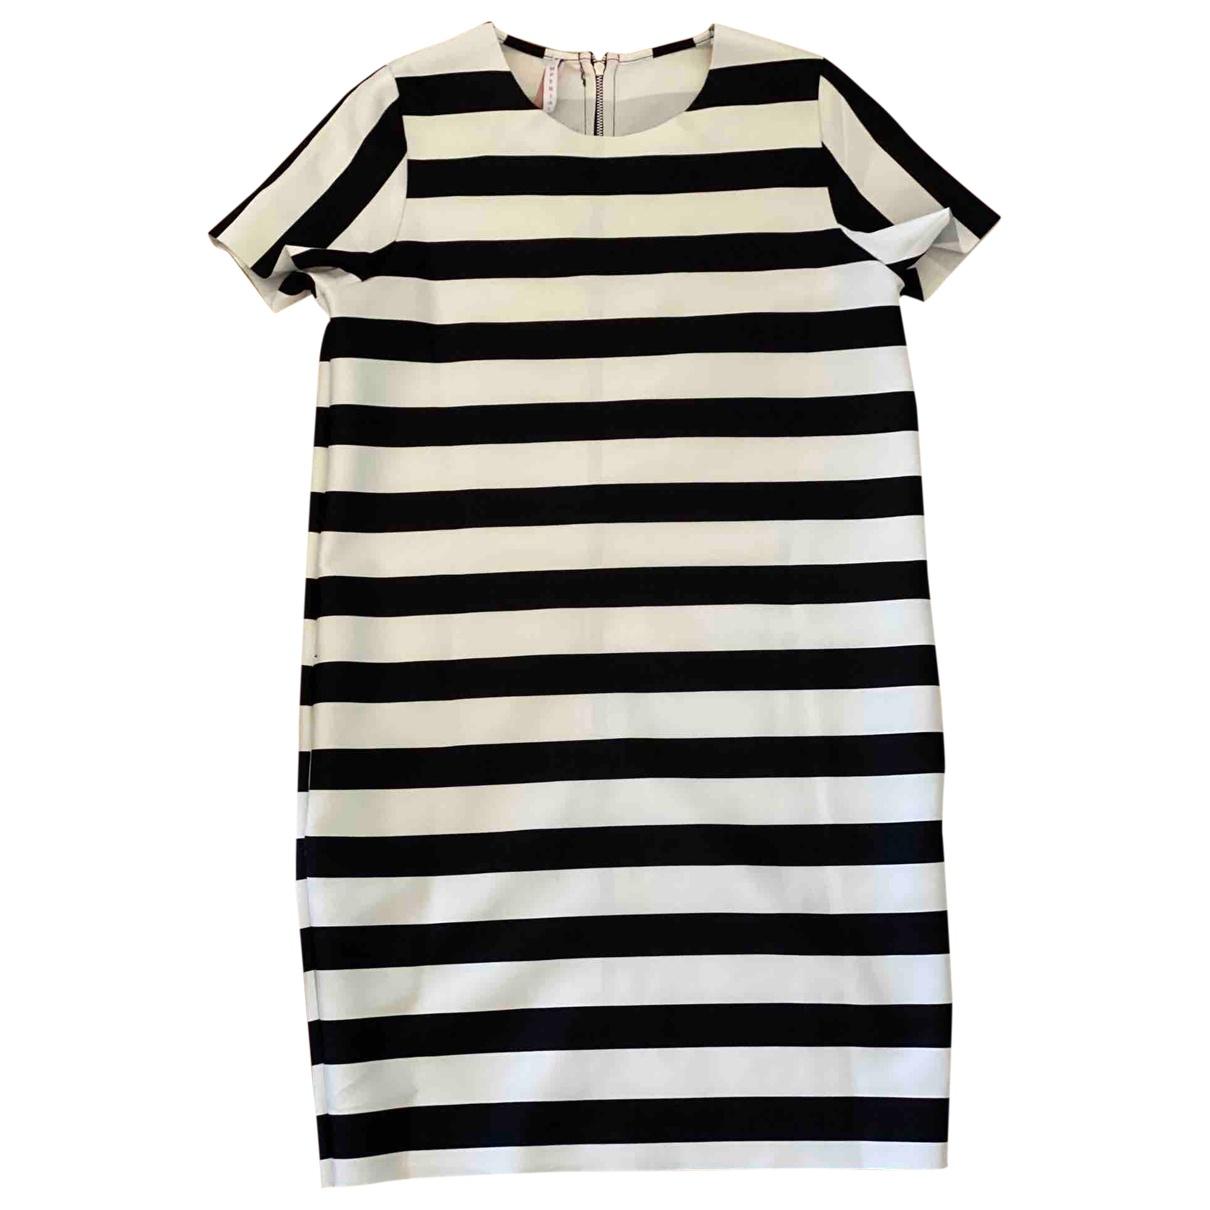 Imperial \N Kleid in  Bunt Polyester